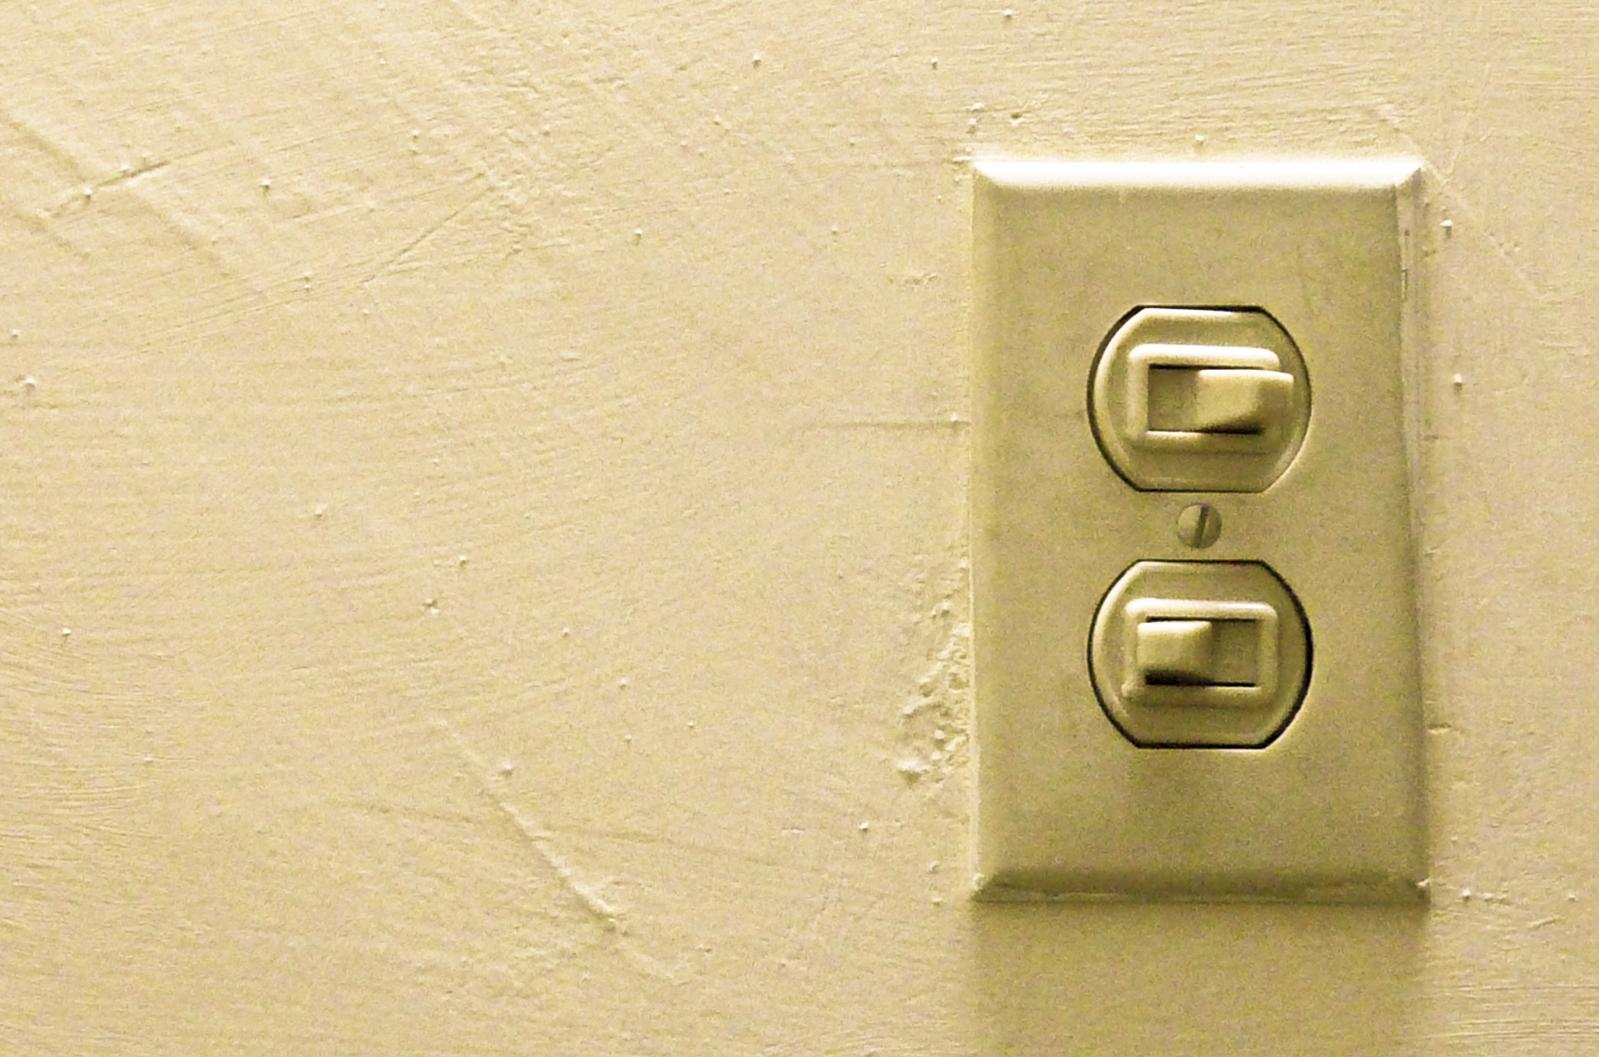 Interruptor de la luz. Compañías eléctricas.